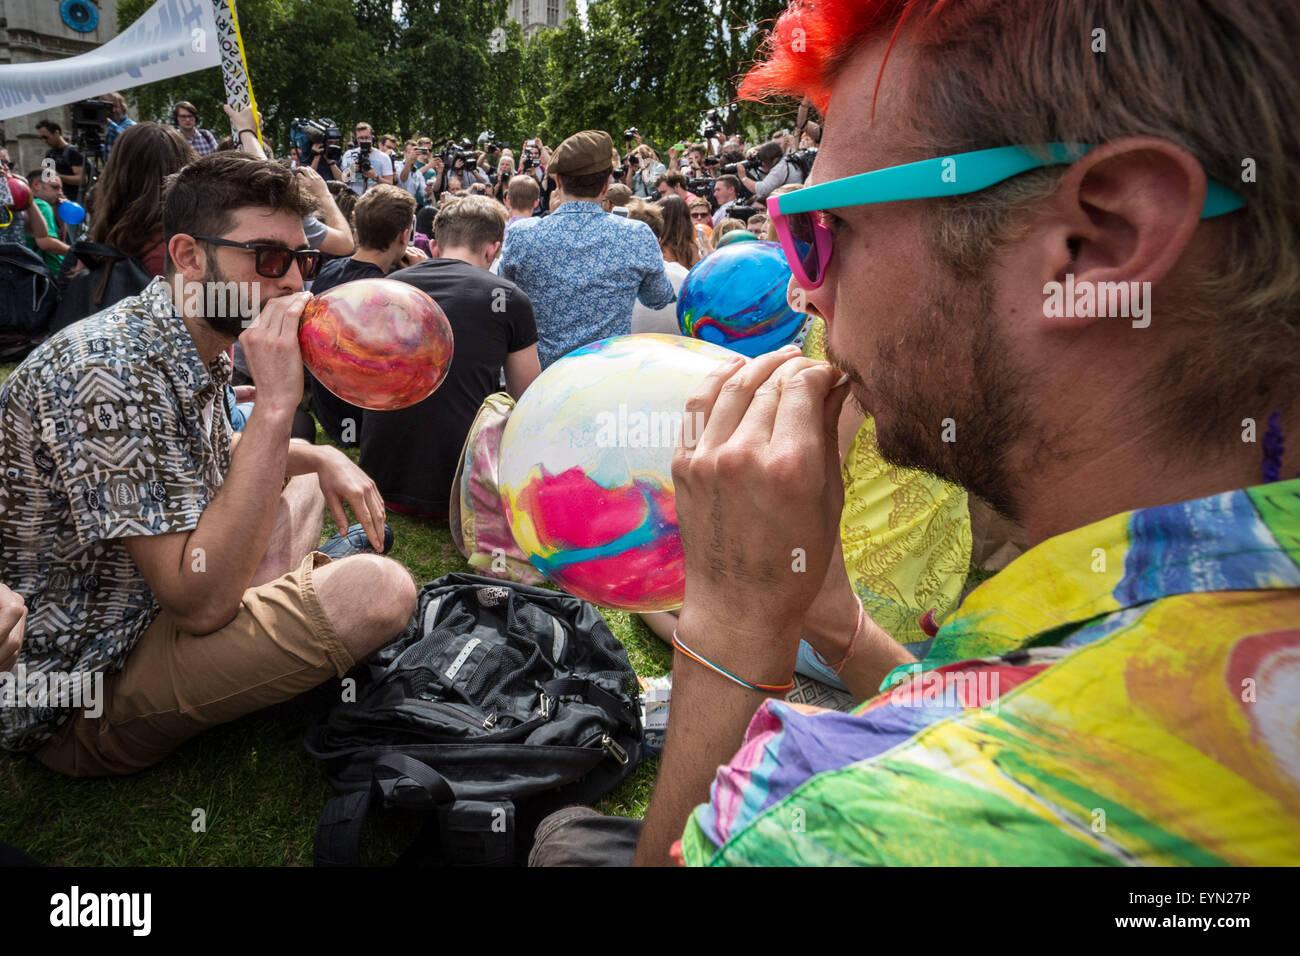 Londres, Royaume-Uni. 1er août 2015. Les ballons gonflés à l'inhaler des militants de l'oxyde nitreux, communément Banque D'Images